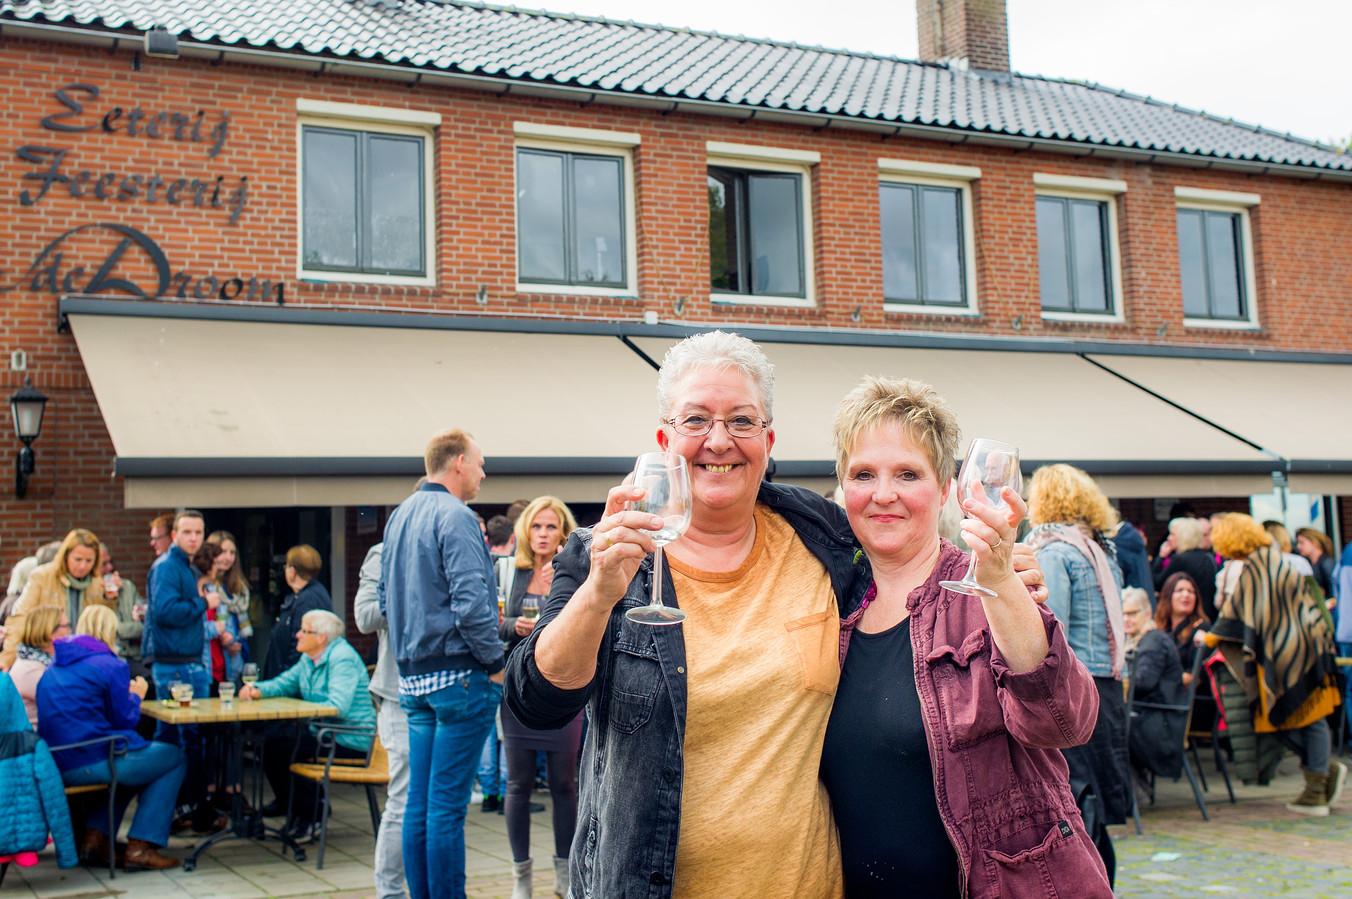 Openingsfeest Cafe De Droom in Langeweg. Trotse eigenaressen Marleen Nuijten (links) en Nancy van Nunen.